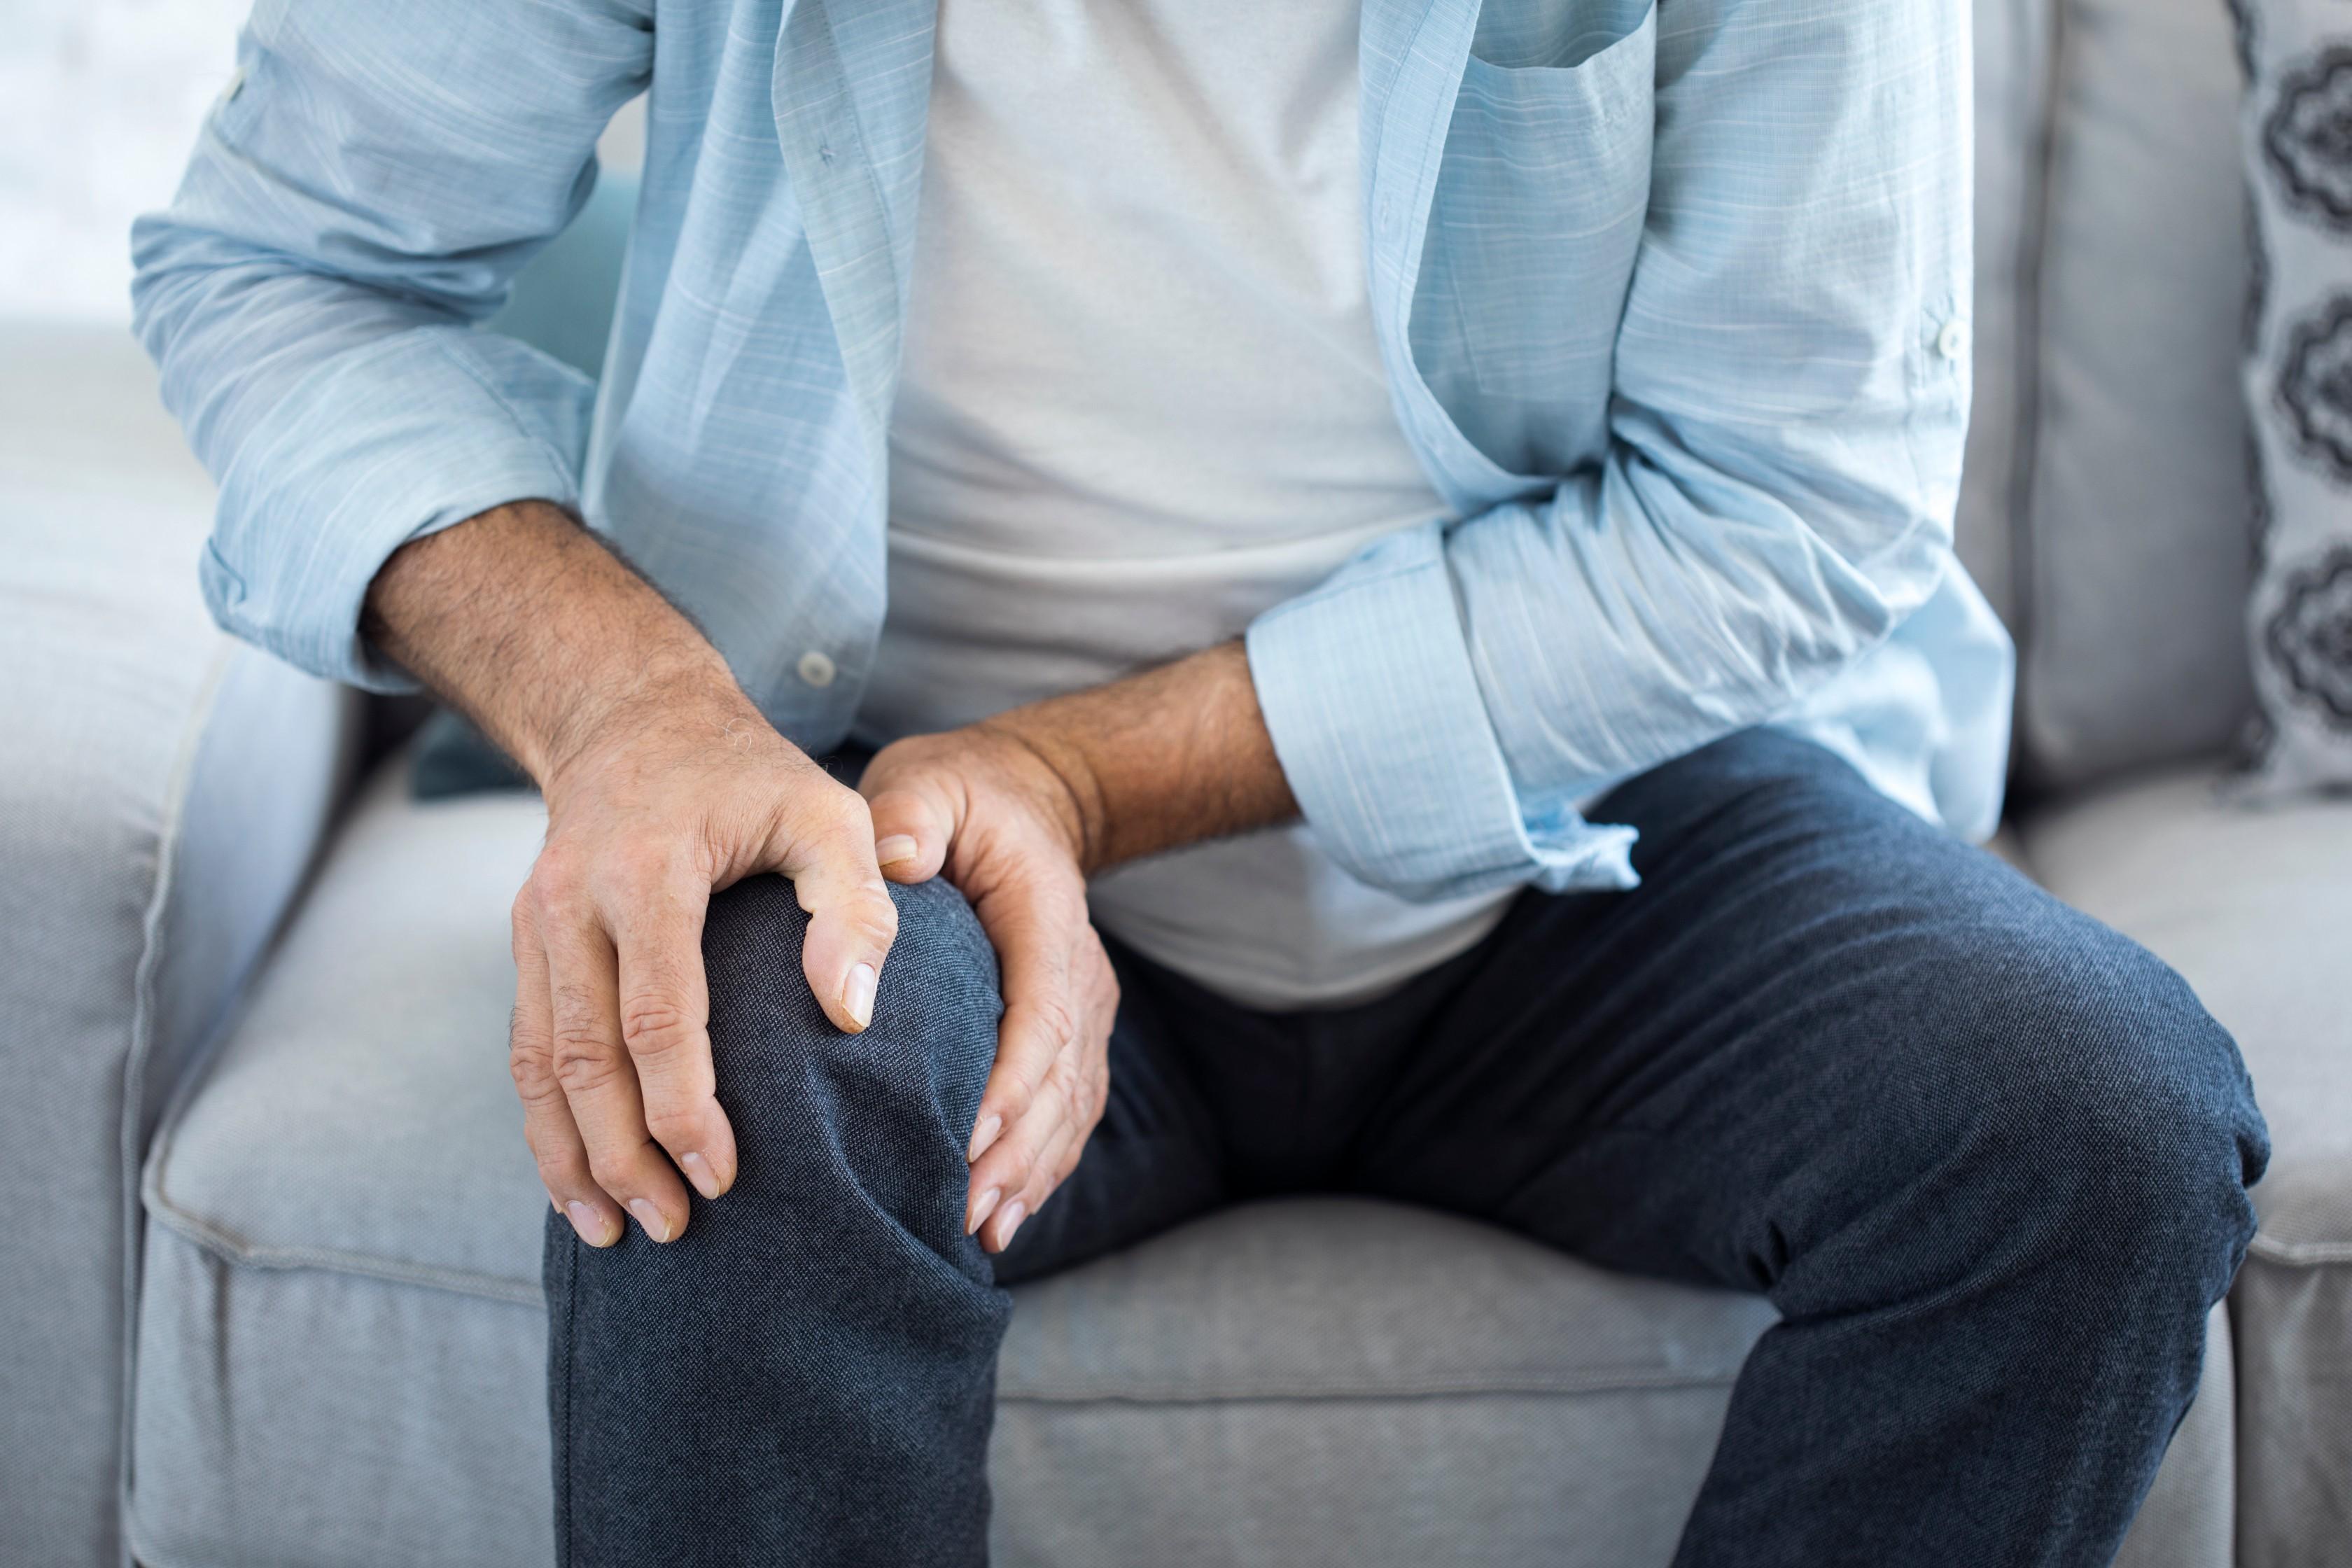 hogyan lehet eltávolítani a kézízületek fájdalmát)